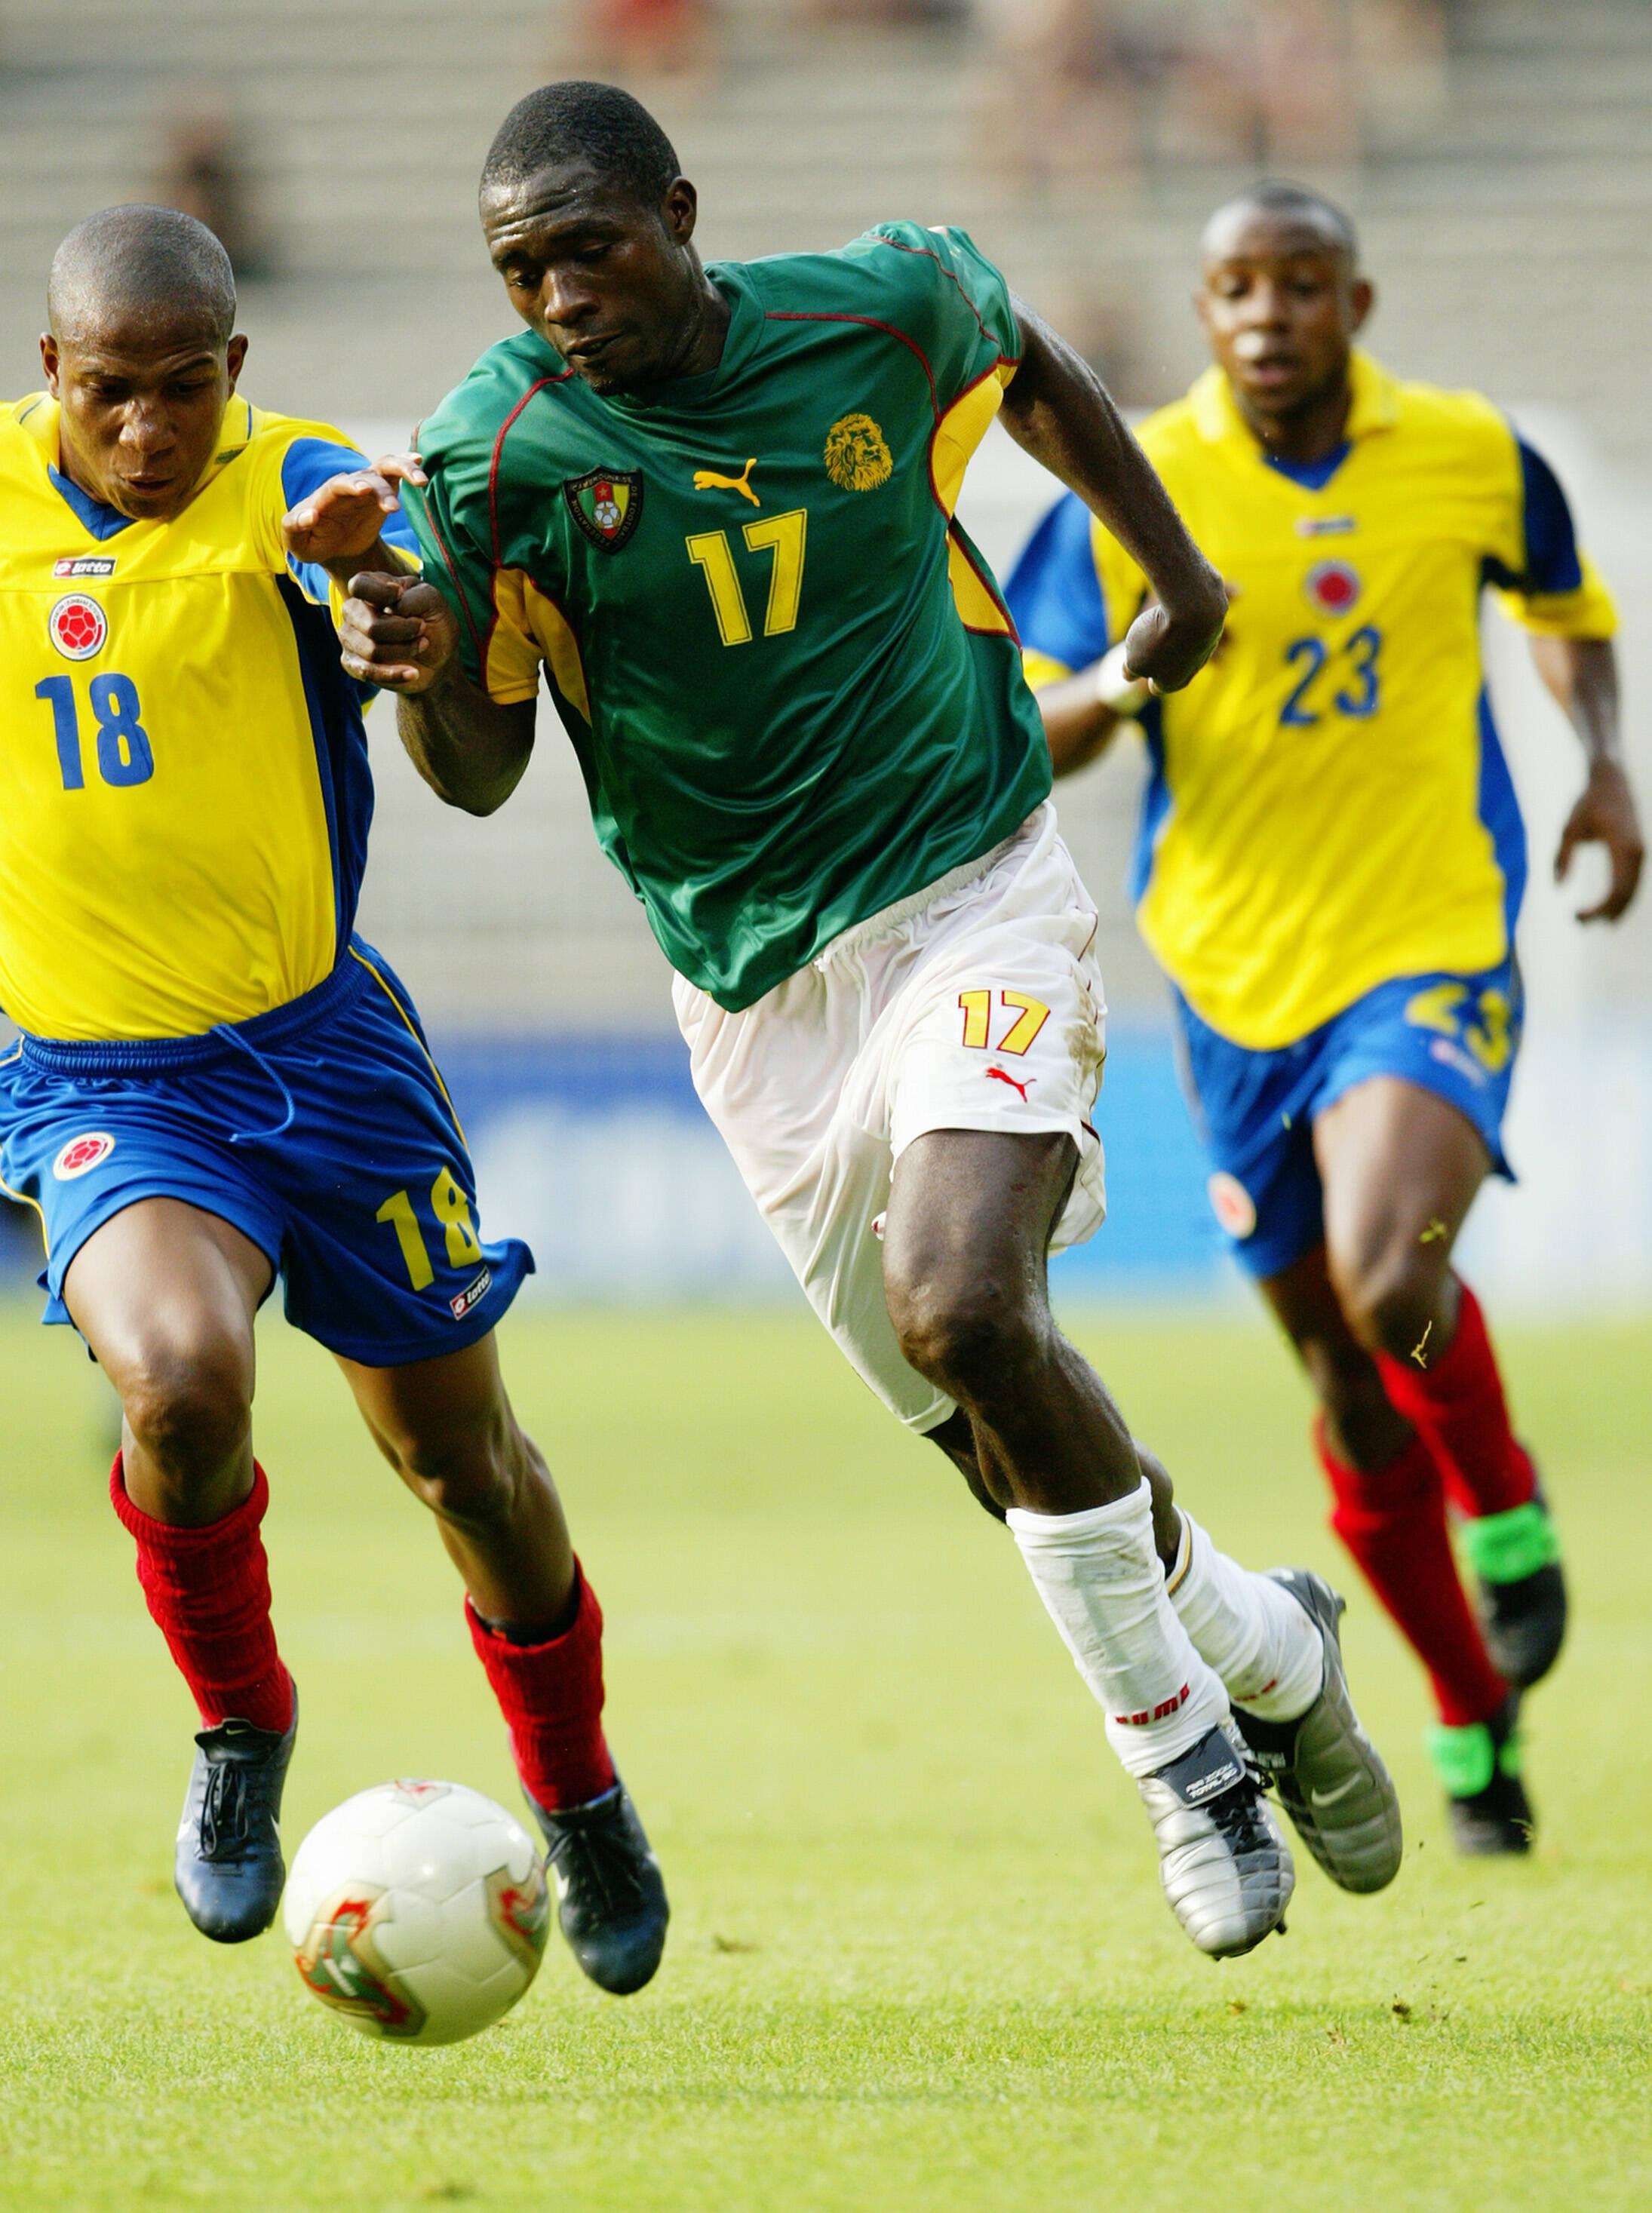 O camaronês Marc Vivien Foe, de 28 anos, sofreu um infarto e morreu na partida contra a Colômbia, em 2003, pela Copa das Confederações. Ele defendia o Manchester City. Foto: Getty Images